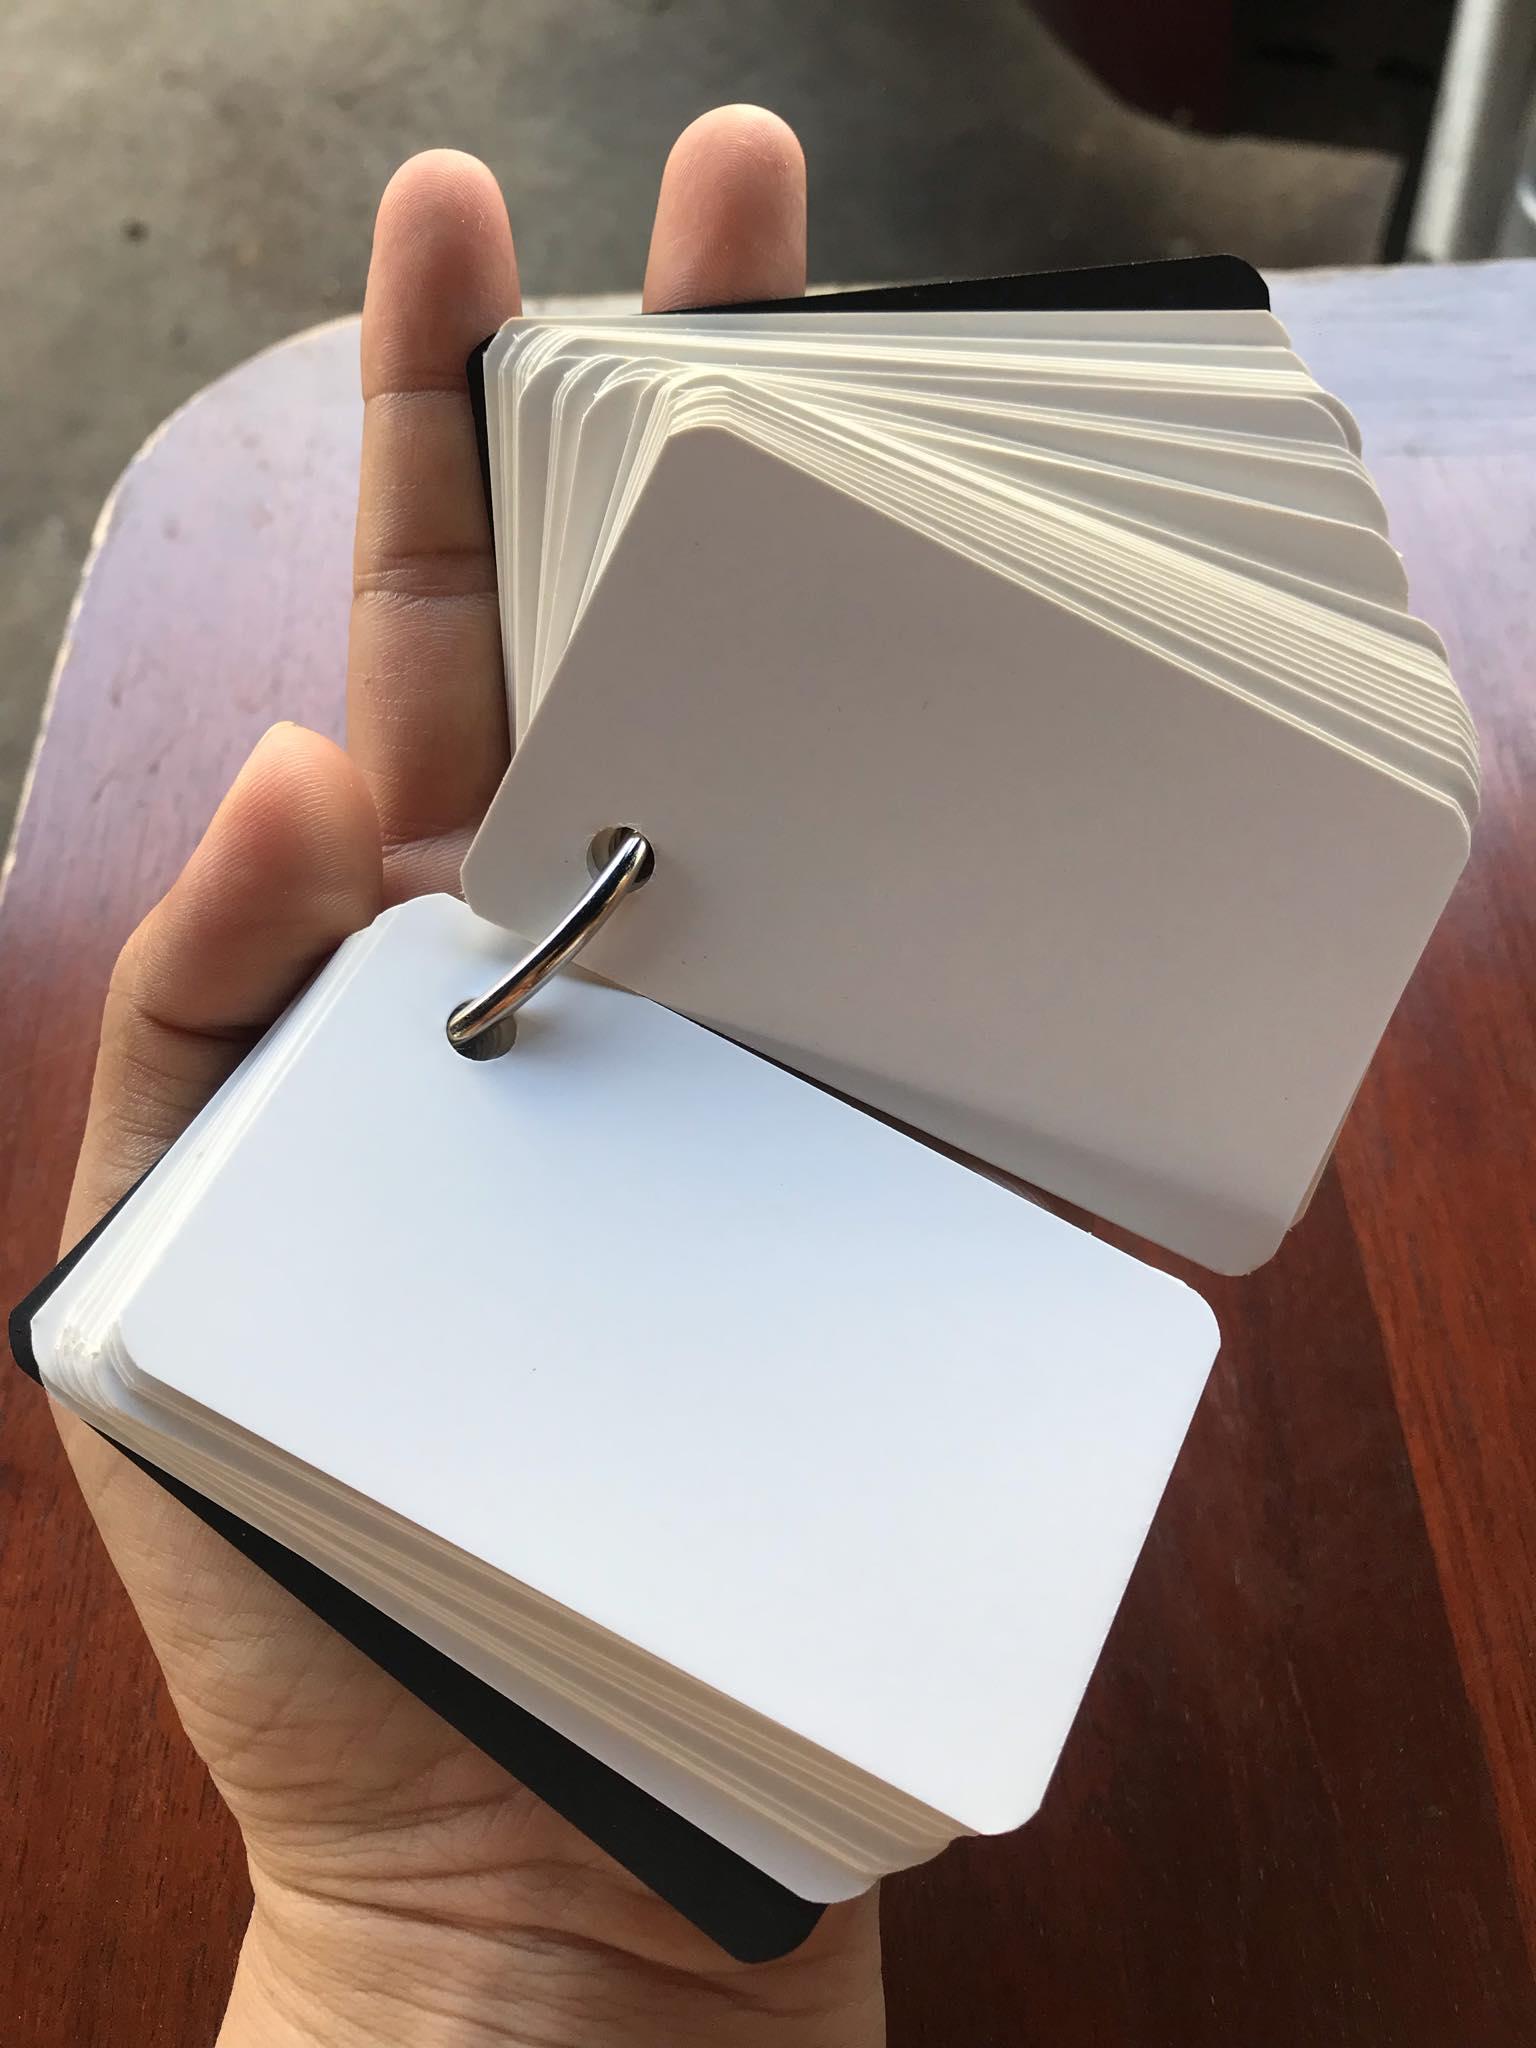 Giấy tập vẽ Flashcard trắng khổ nhỏ 5x8cm ( 100 tờ dày 5cm) định lượng 350gsm dùng chì và màu nước tất cả các loại bút vẽ dày đẹp loang màu như hình dễ thương